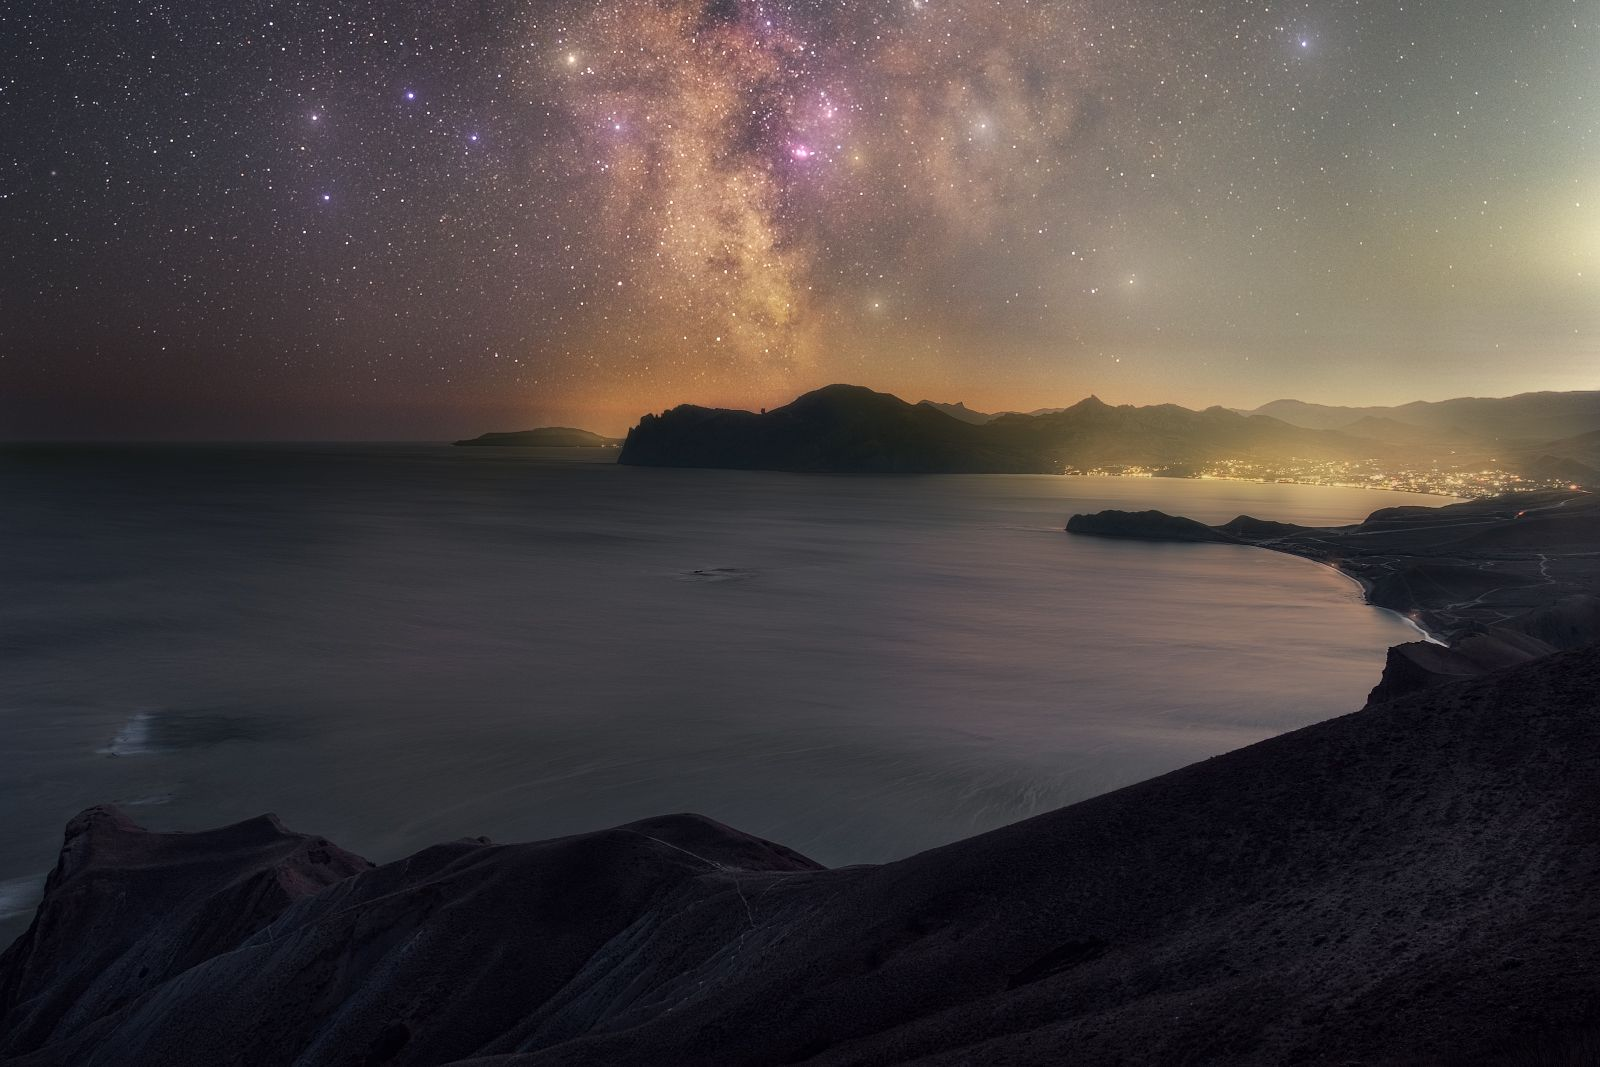 Крымская ночь звезды джан-кутаран хамелеон орджоникидзе крым млечныйпуть юбк milkyway осень астро черноеморе ночь